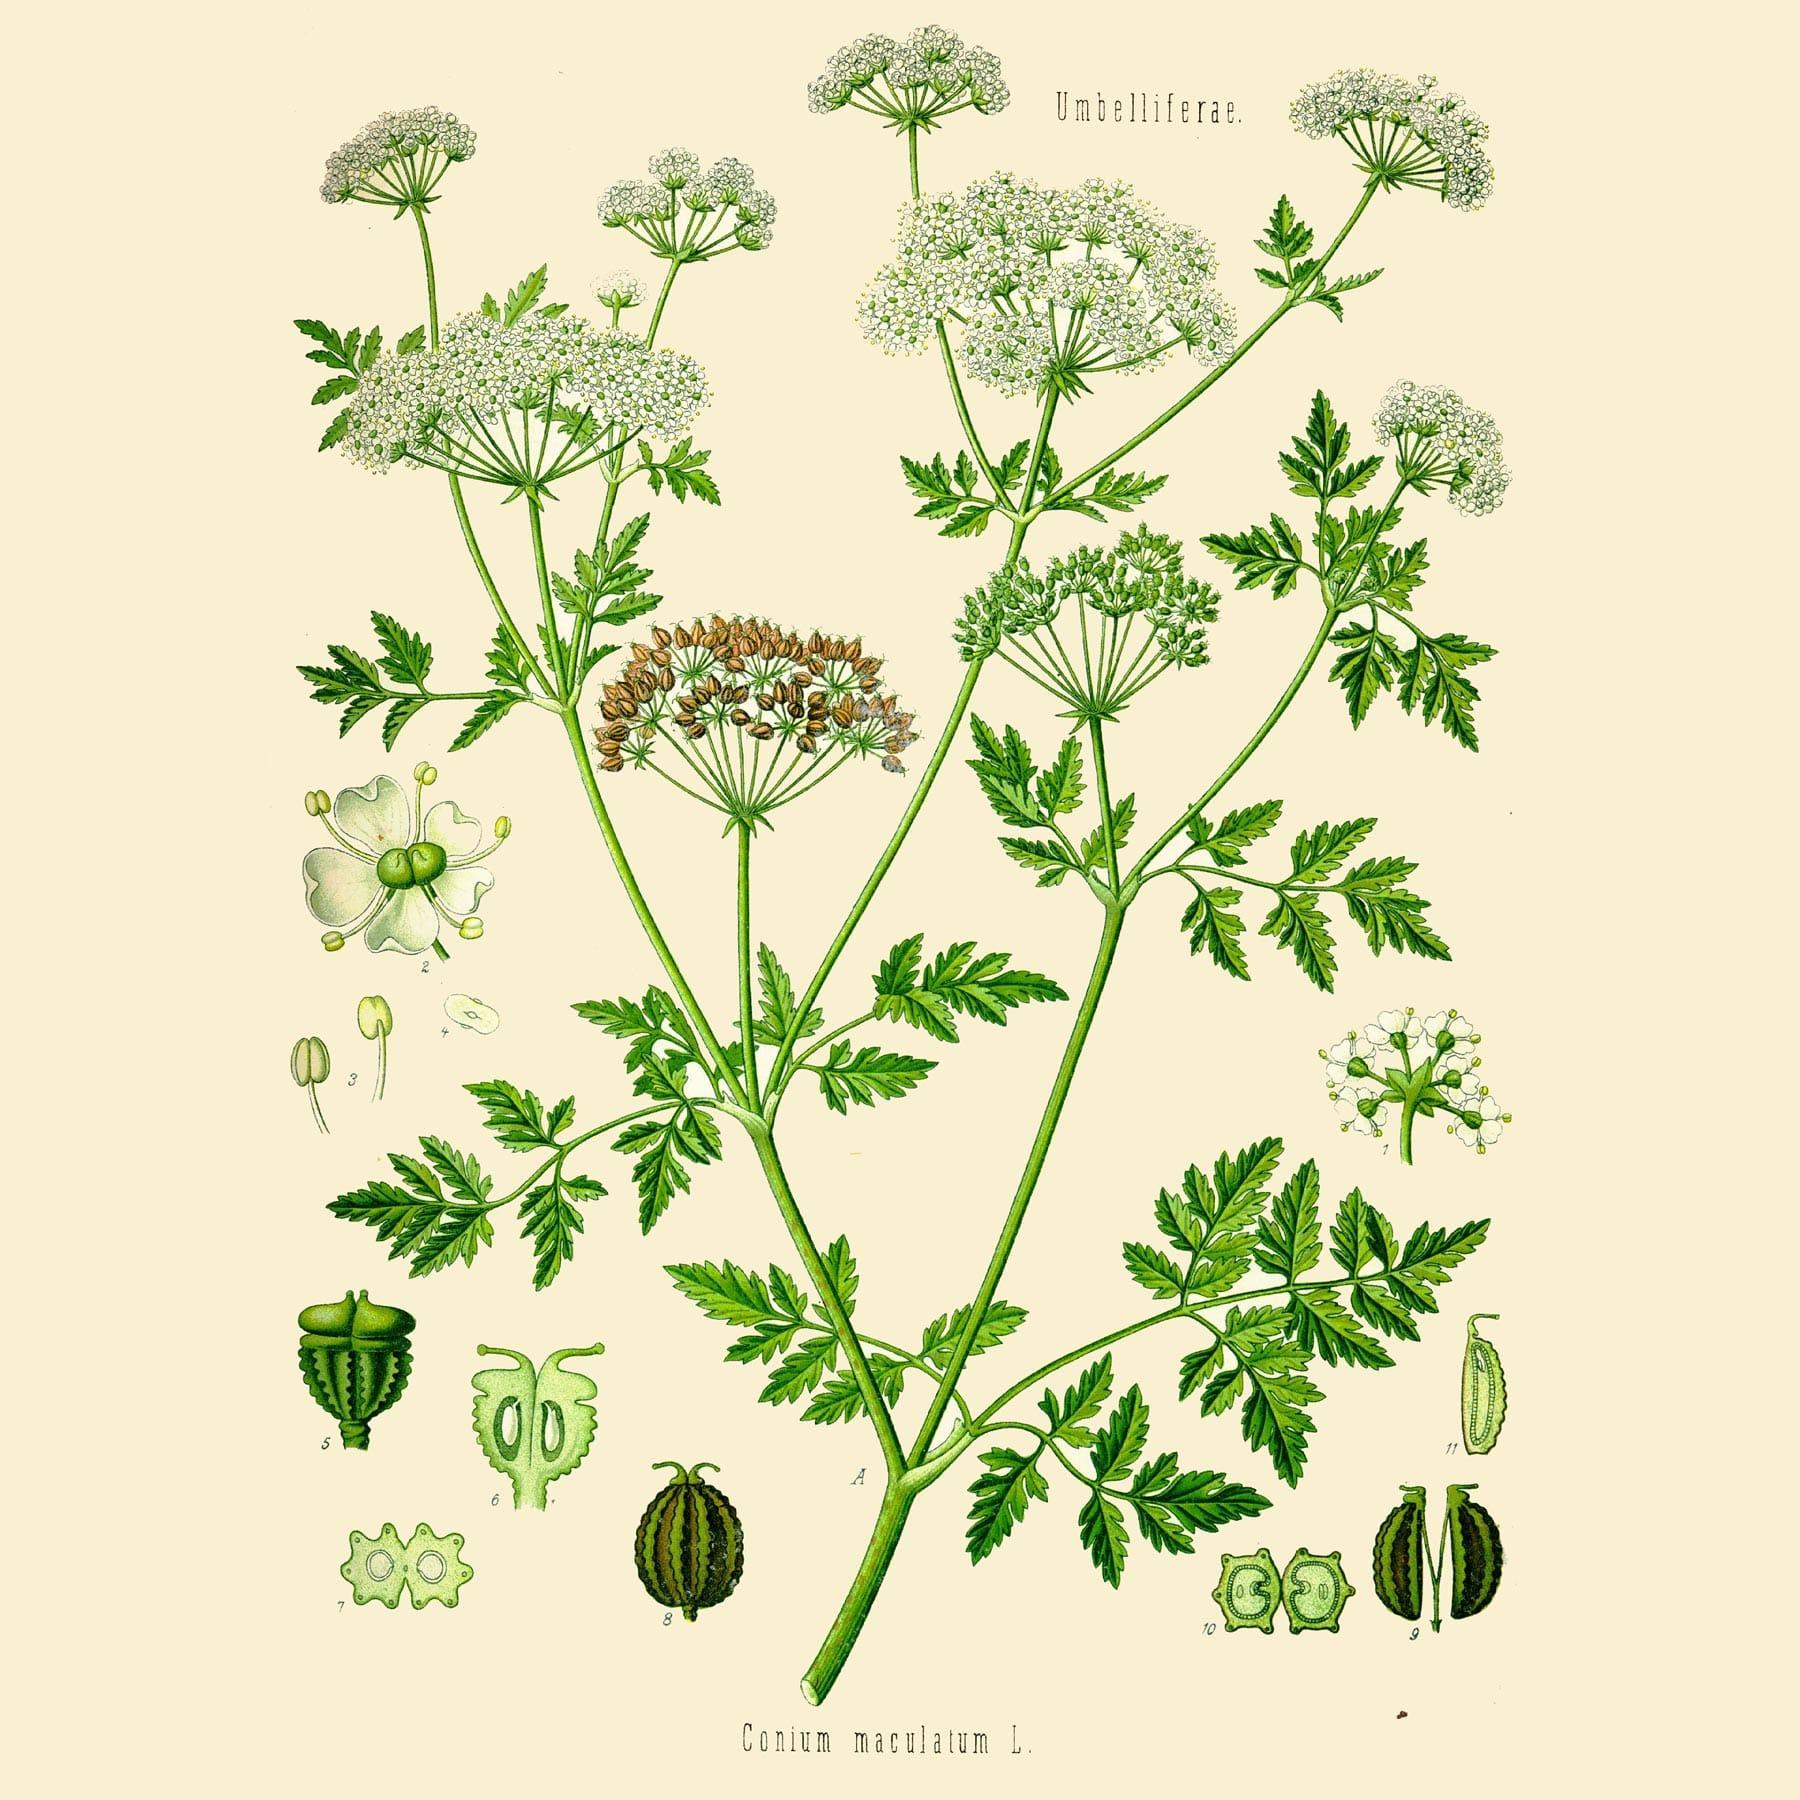 Болиголов пятнистый (Conium maculatum). Источник: pinterest.ru